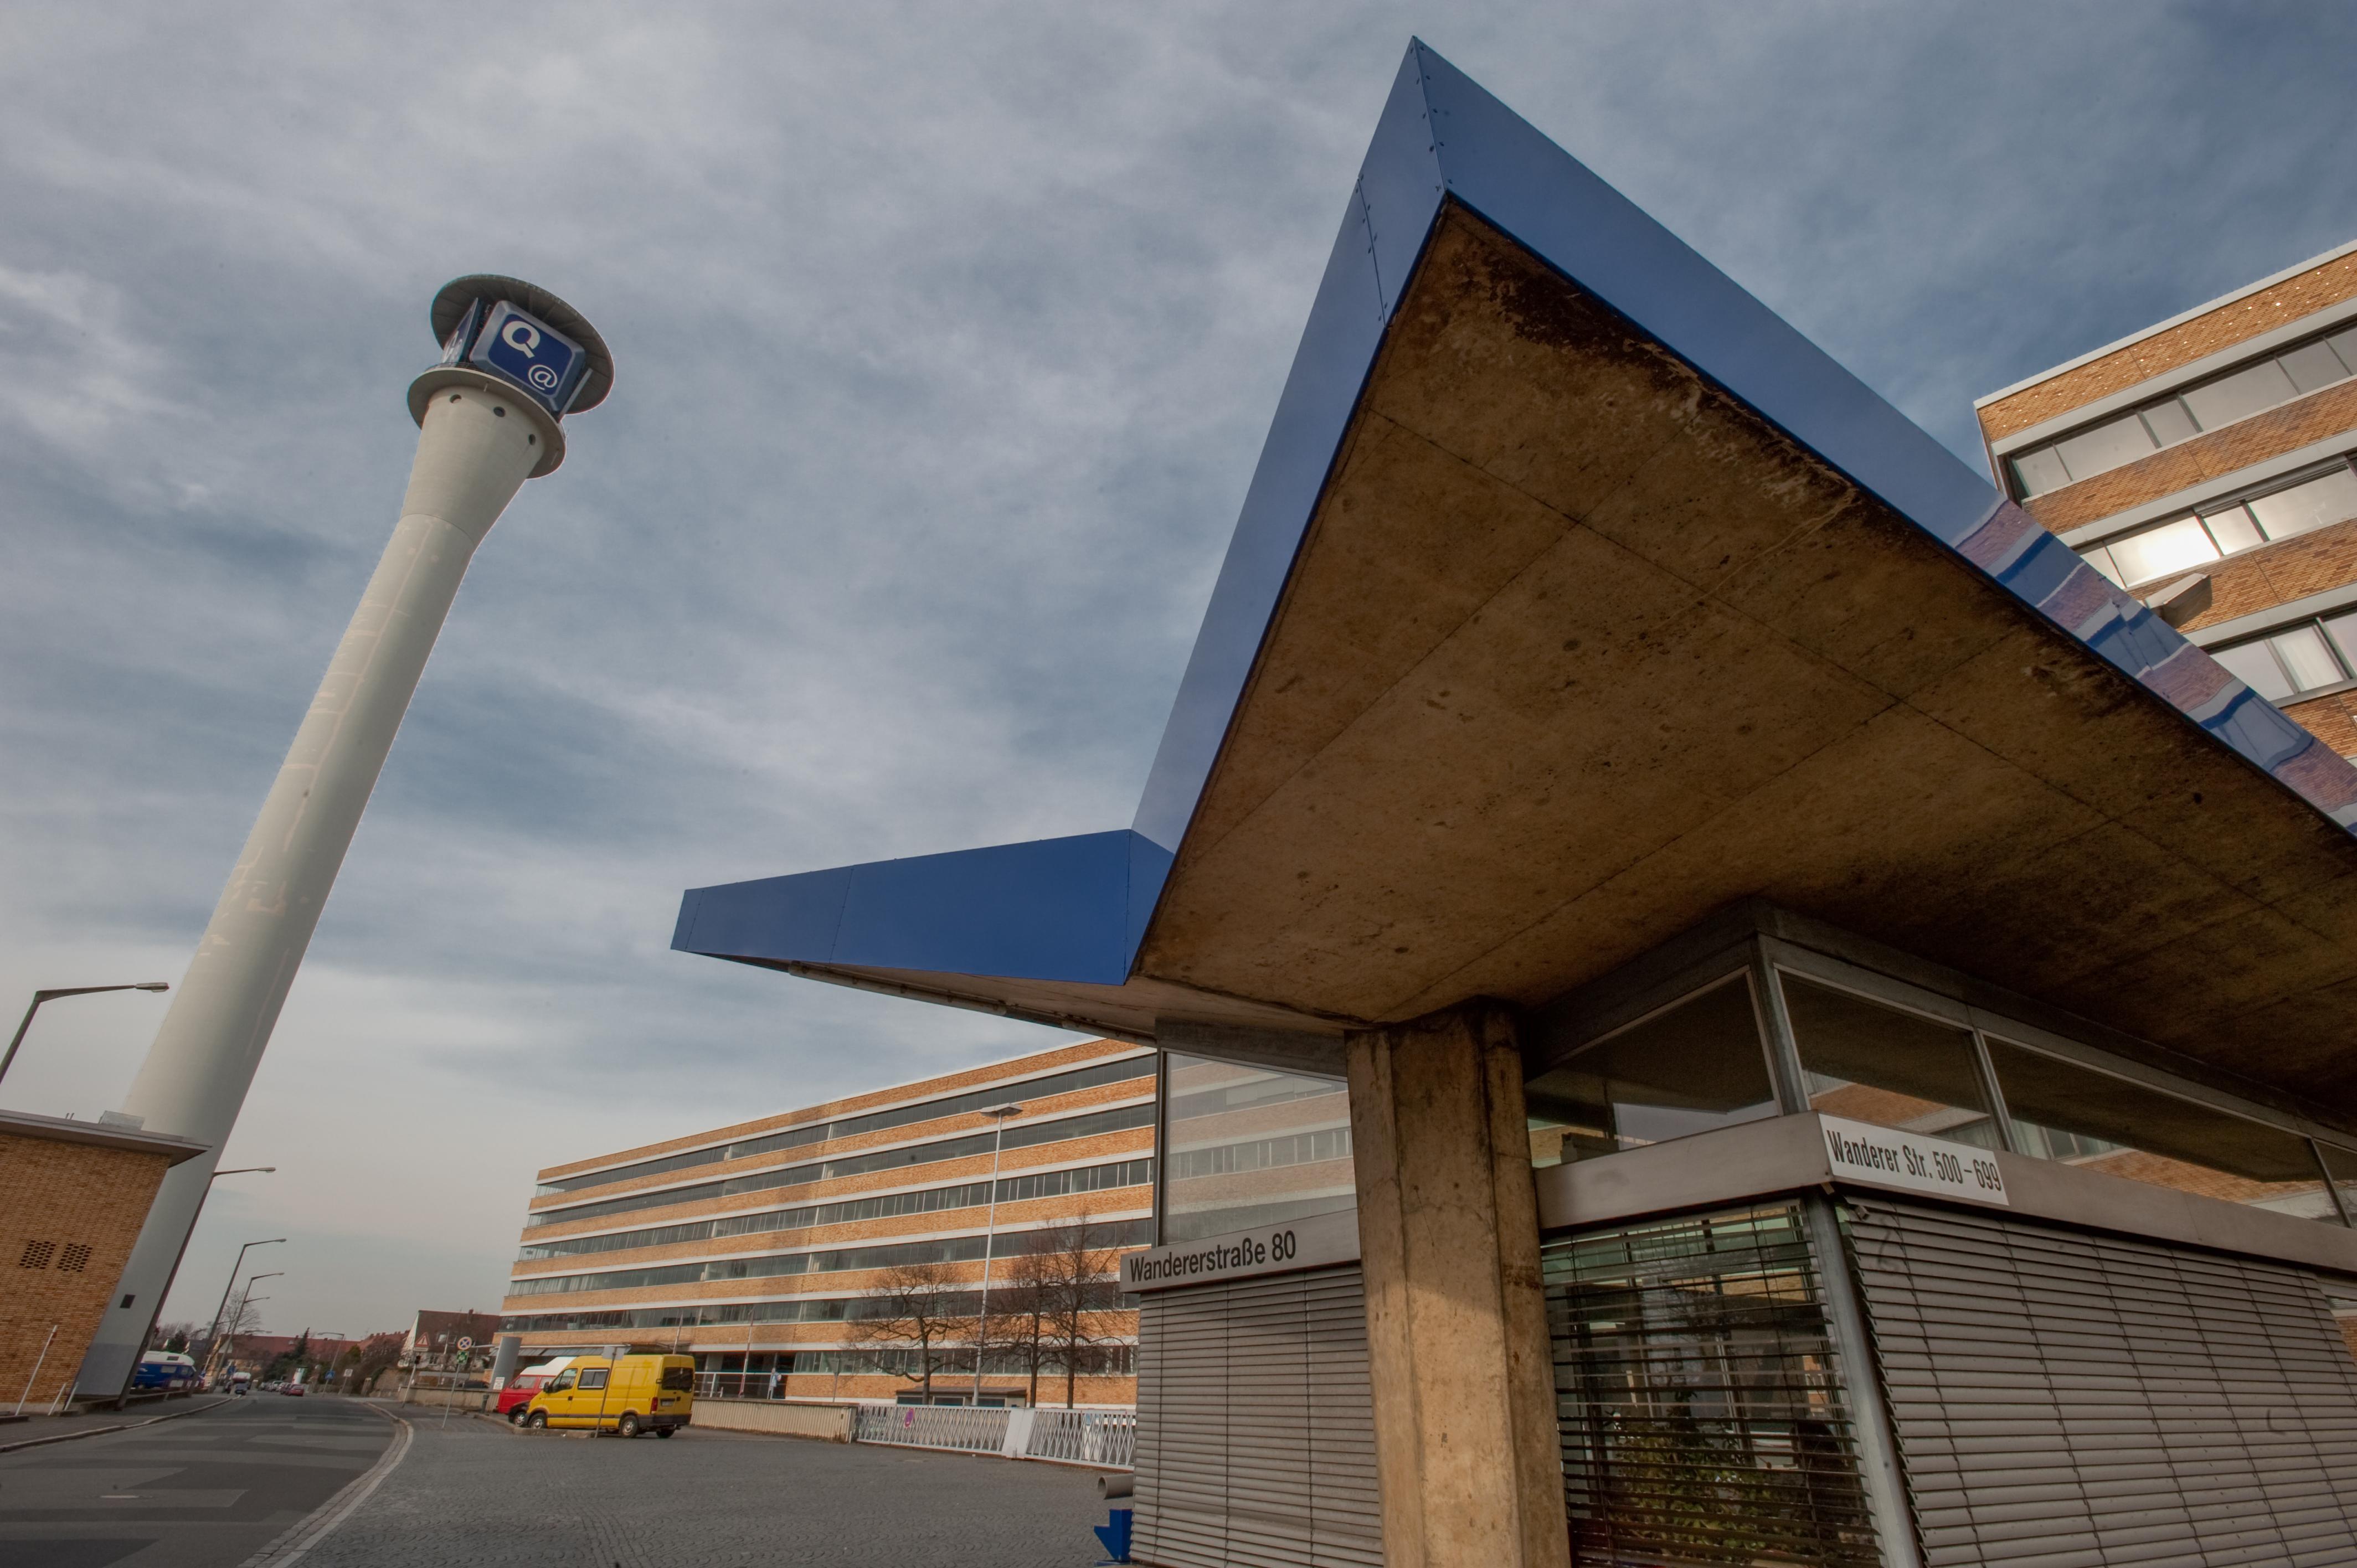 ehemalige Quelle-Versandzentrum Nürnberg